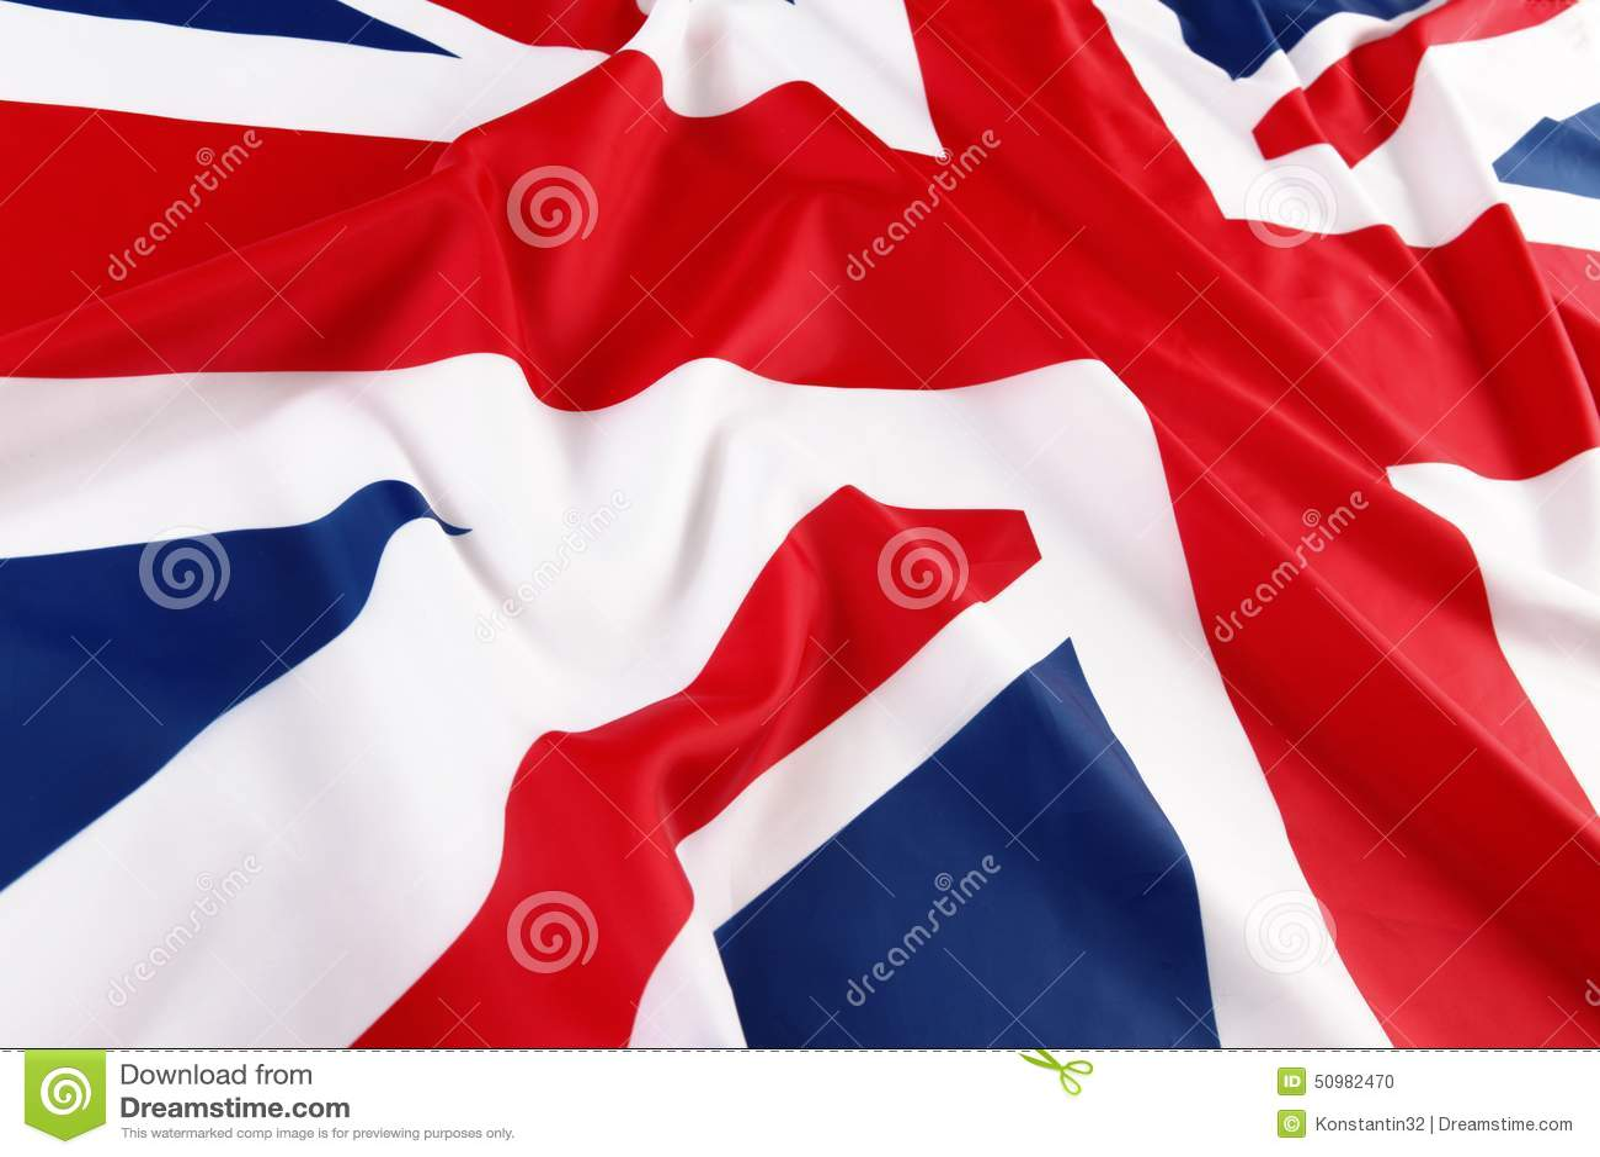 英国旗子,英国国旗图片